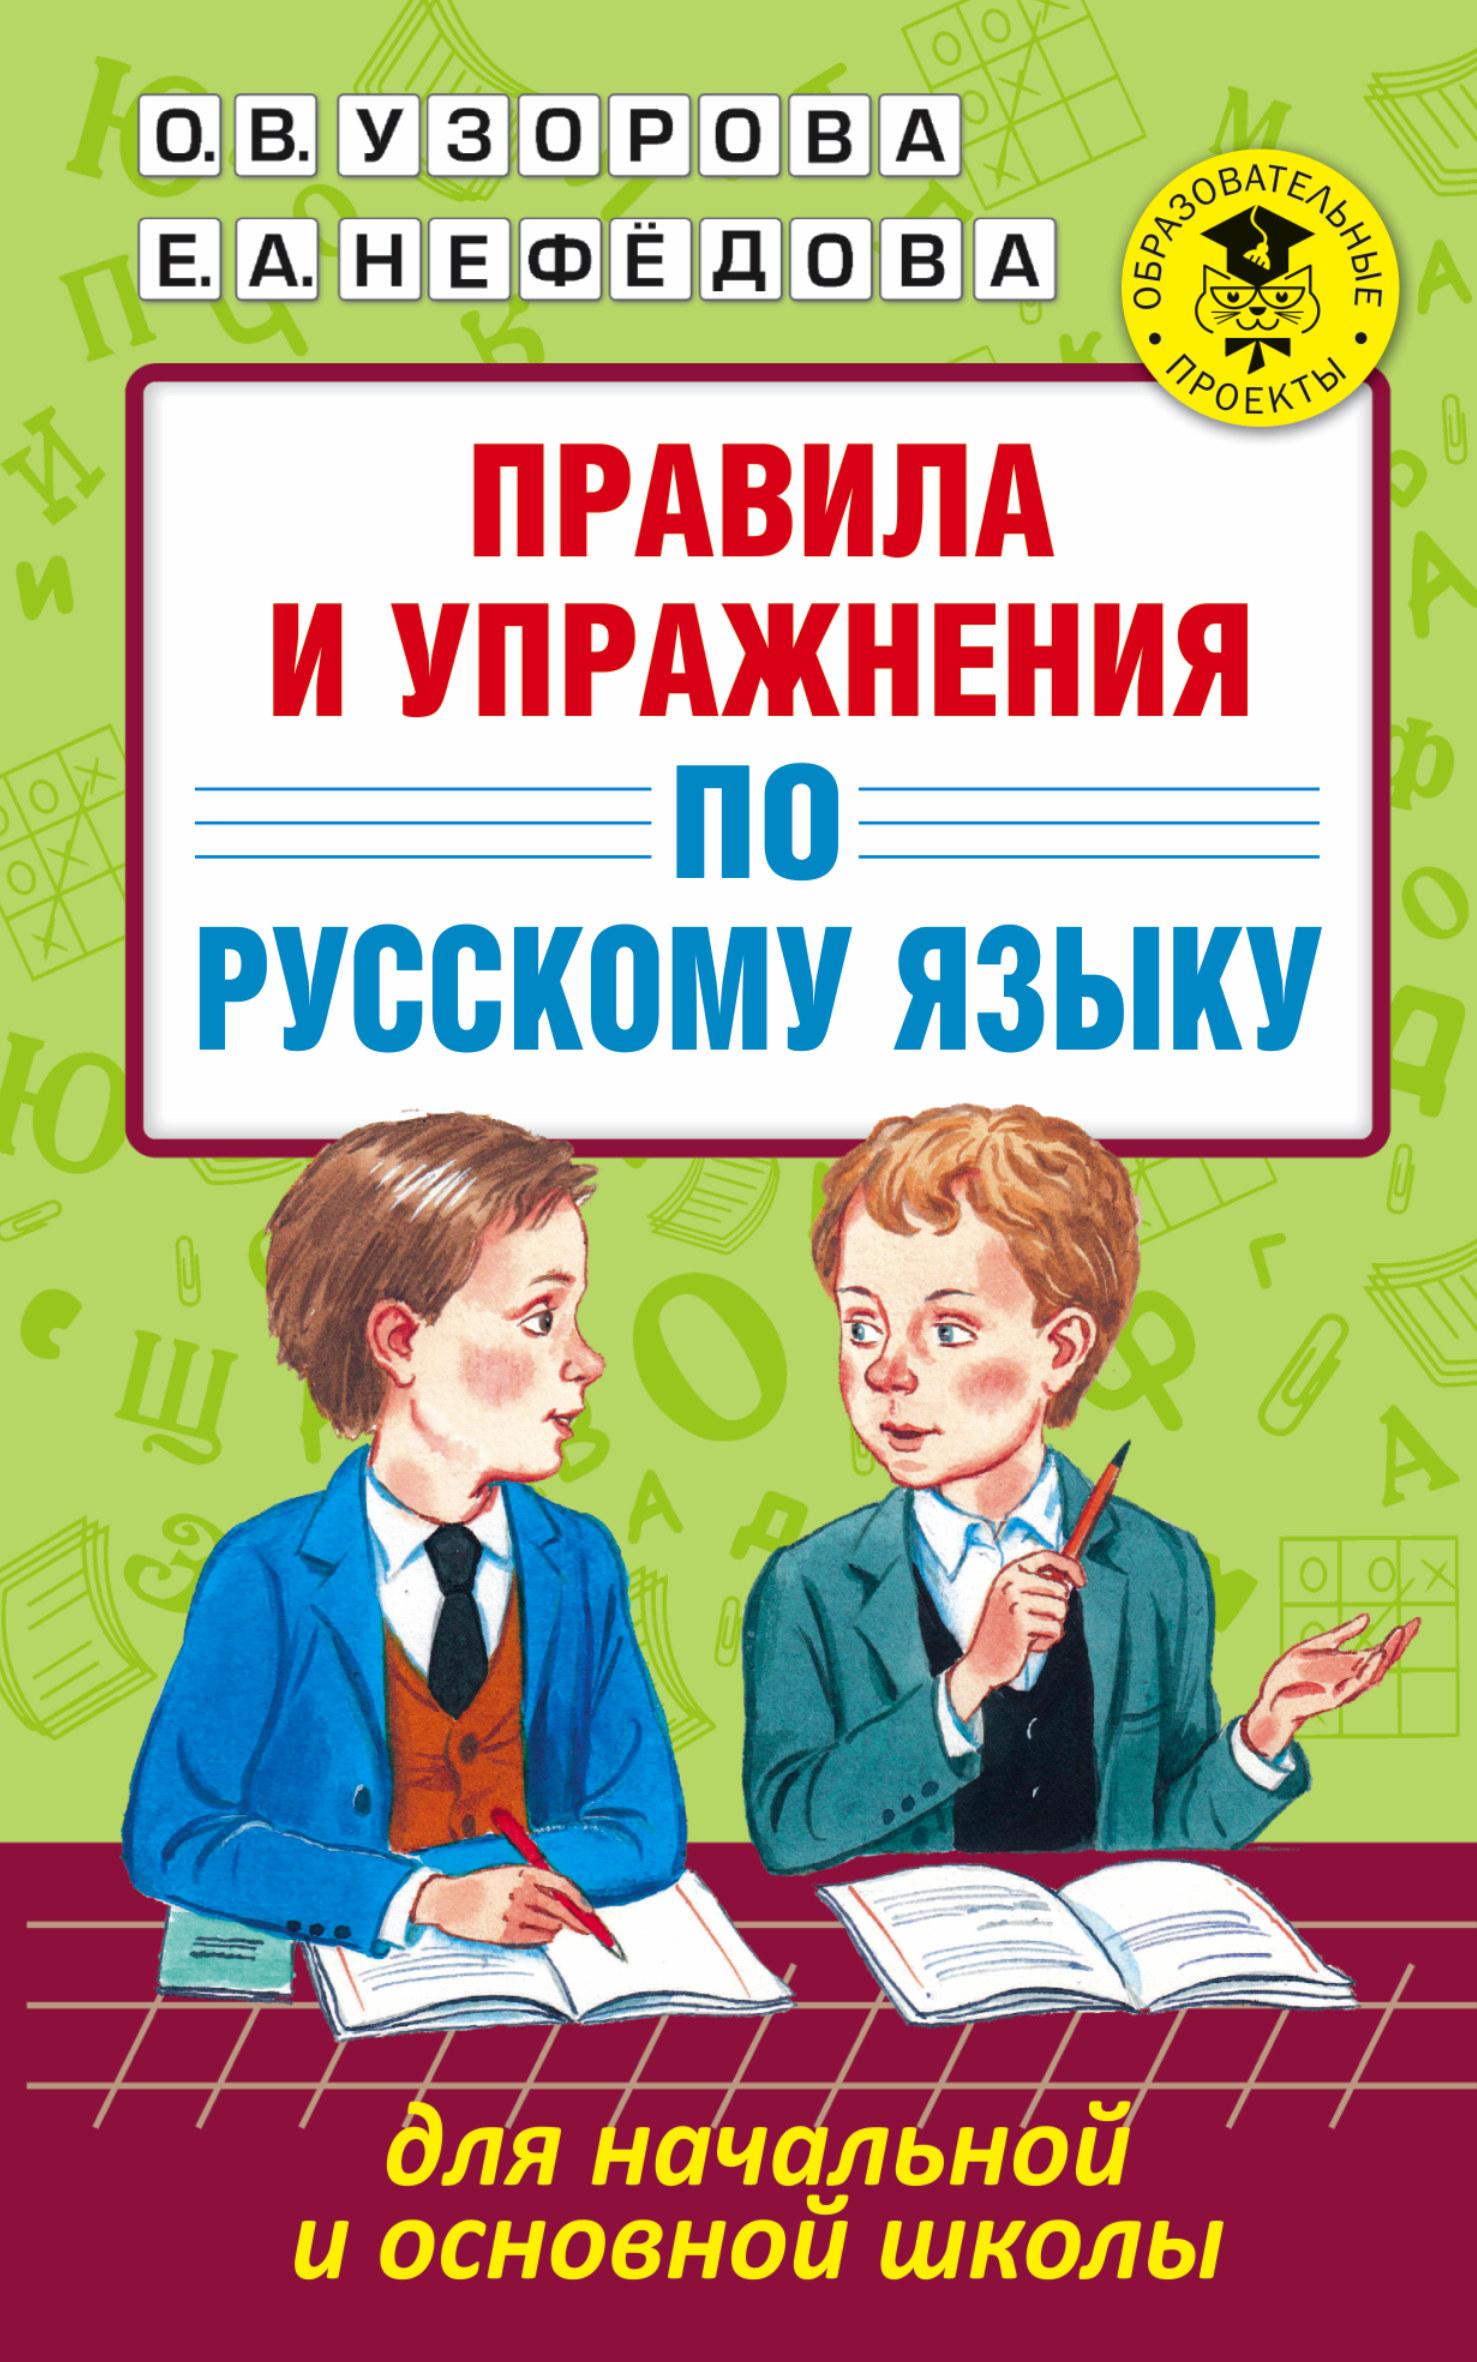 О.В. Узорова; Е.А. Нефедова Правила и упражнения по русскому языку для начальной и основной школы